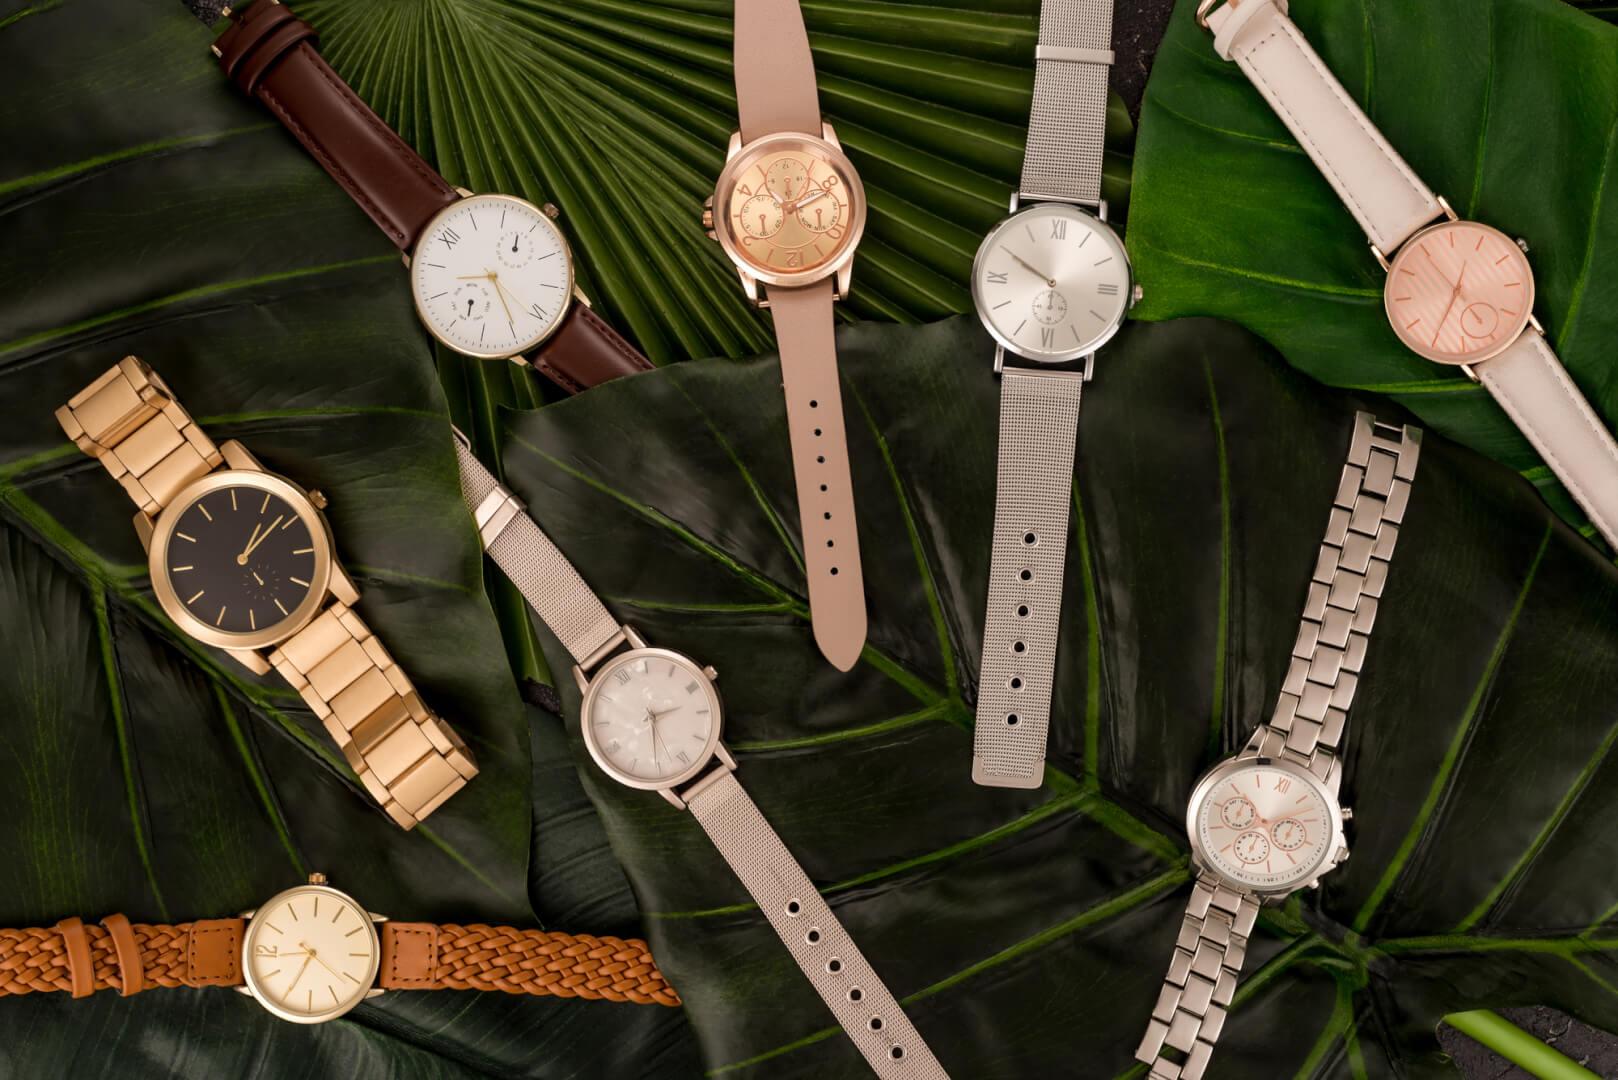 7a43d205da1 Ure på afbetaling » Billig finansiering af ure til mænd og kvinder